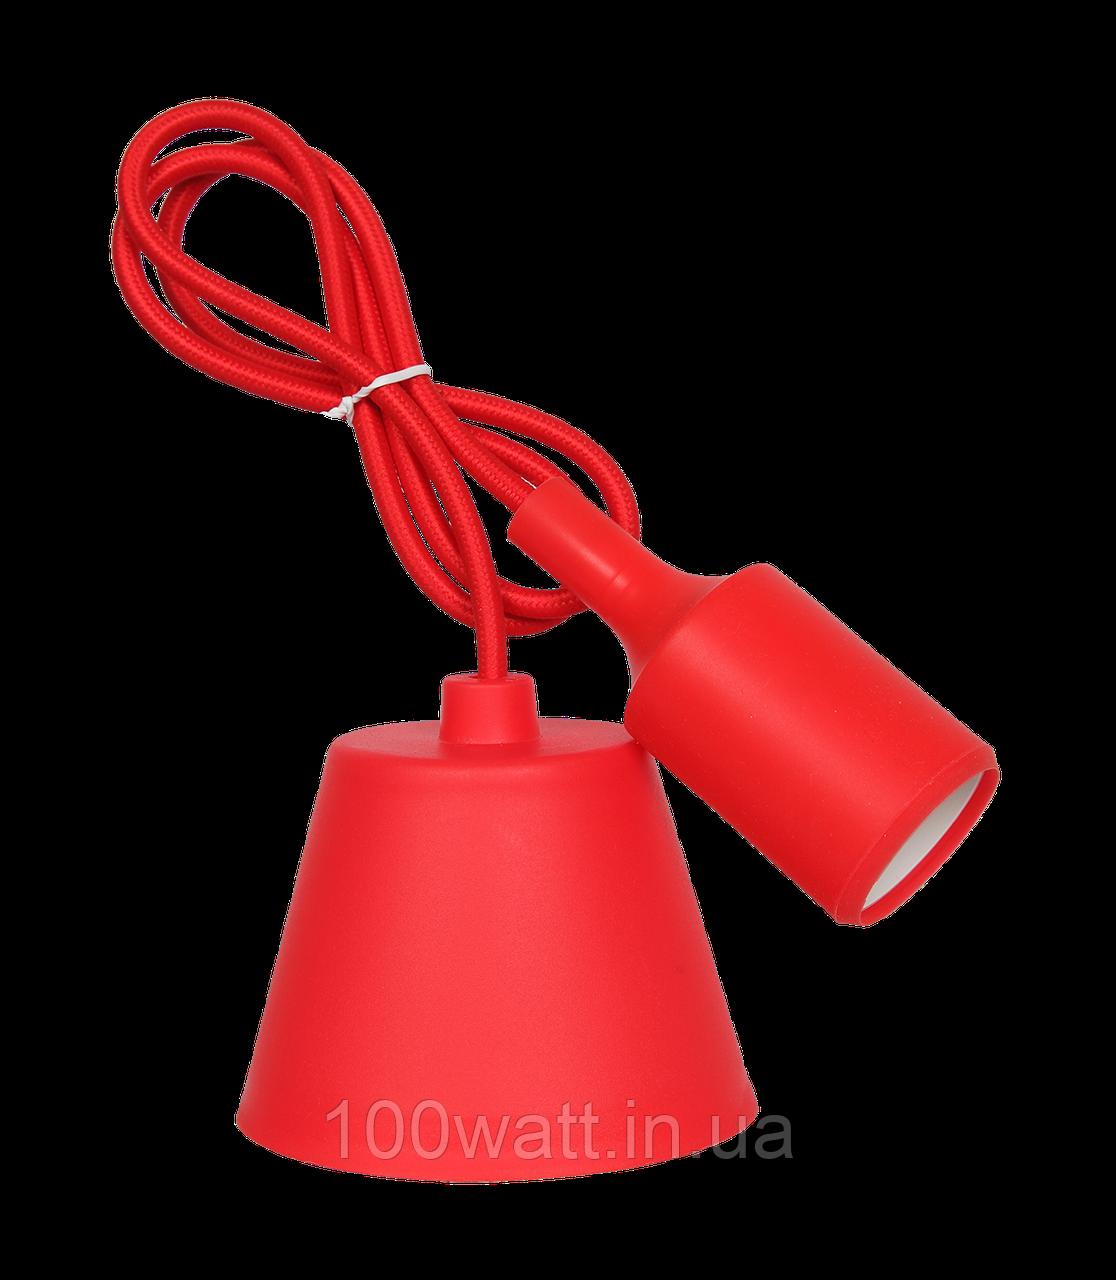 Патрон подвесной Е27 1м красный (WT255) ST 542-2